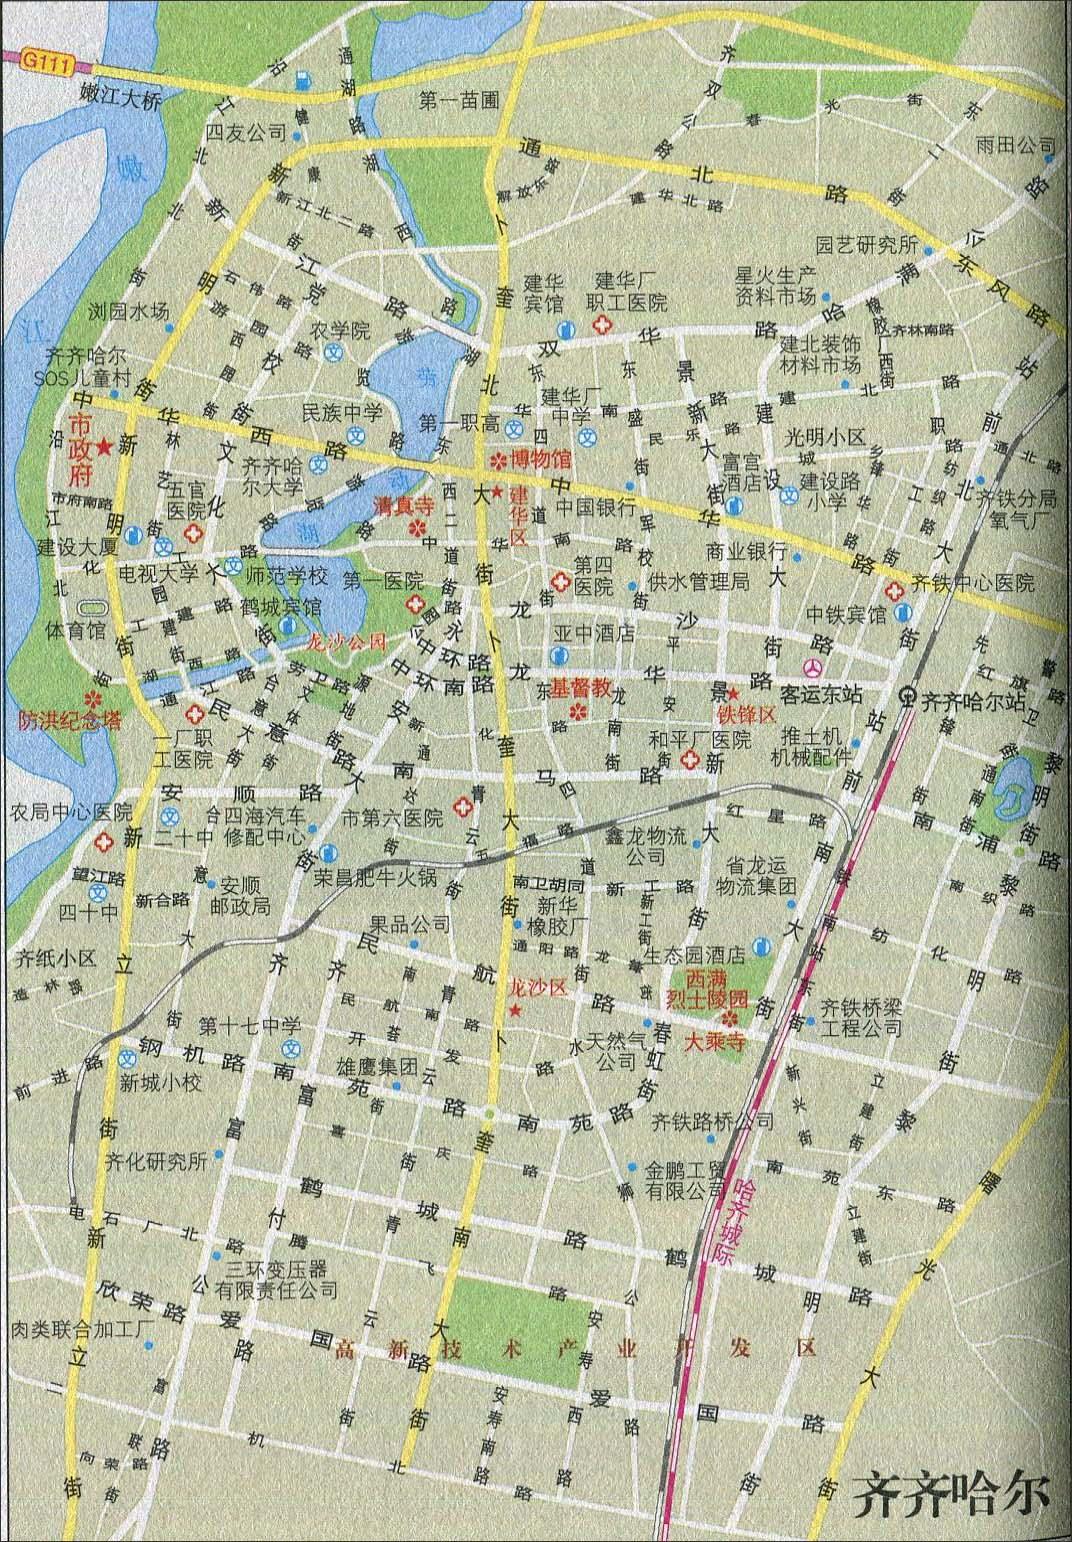 浙江旅游景点大全_齐齐哈尔旅游交通地图_黑龙江旅游地图库_地图窝